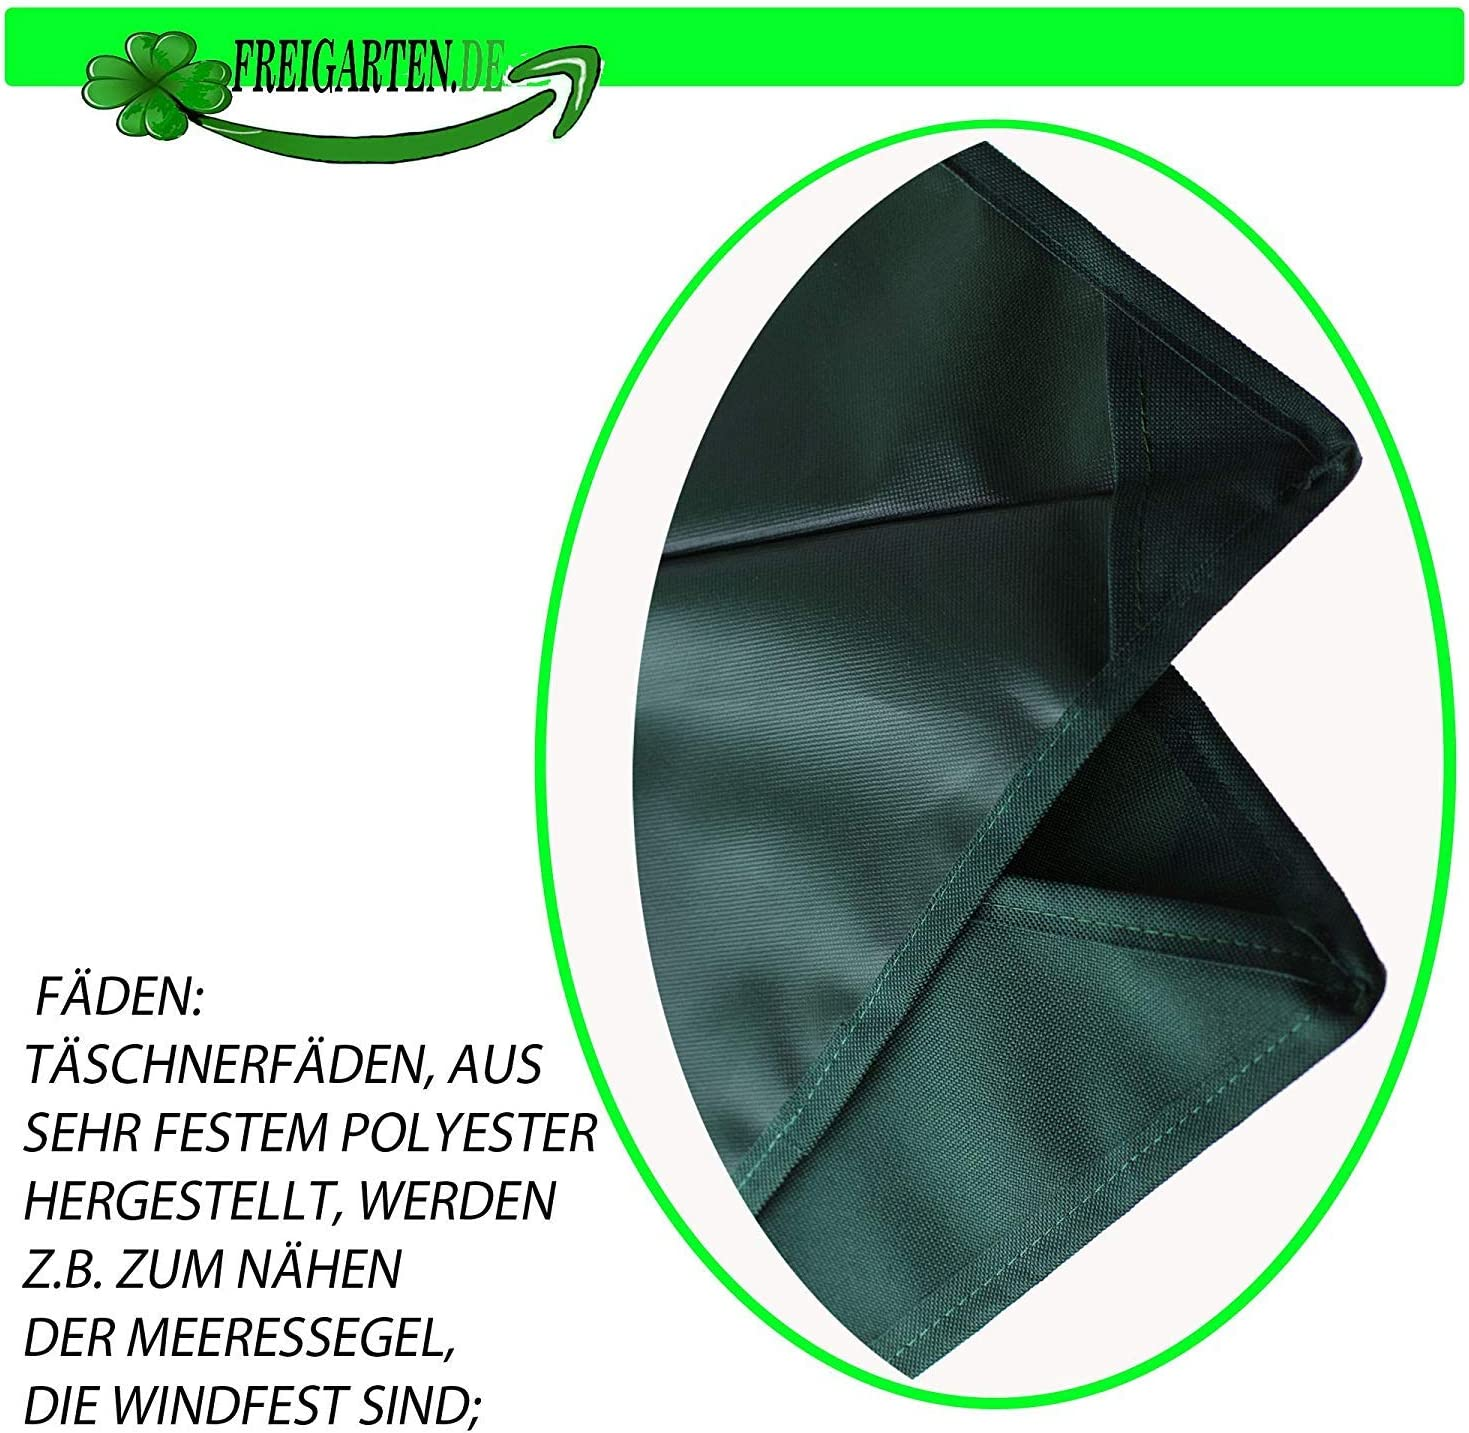 Panama PCV Soft 370 g//m/² Mod/èle 9 Marron freigarten.de Toit de rechange pour tonnelle 3 x 4 m Sable antique Imperm/éable Mat/ériau